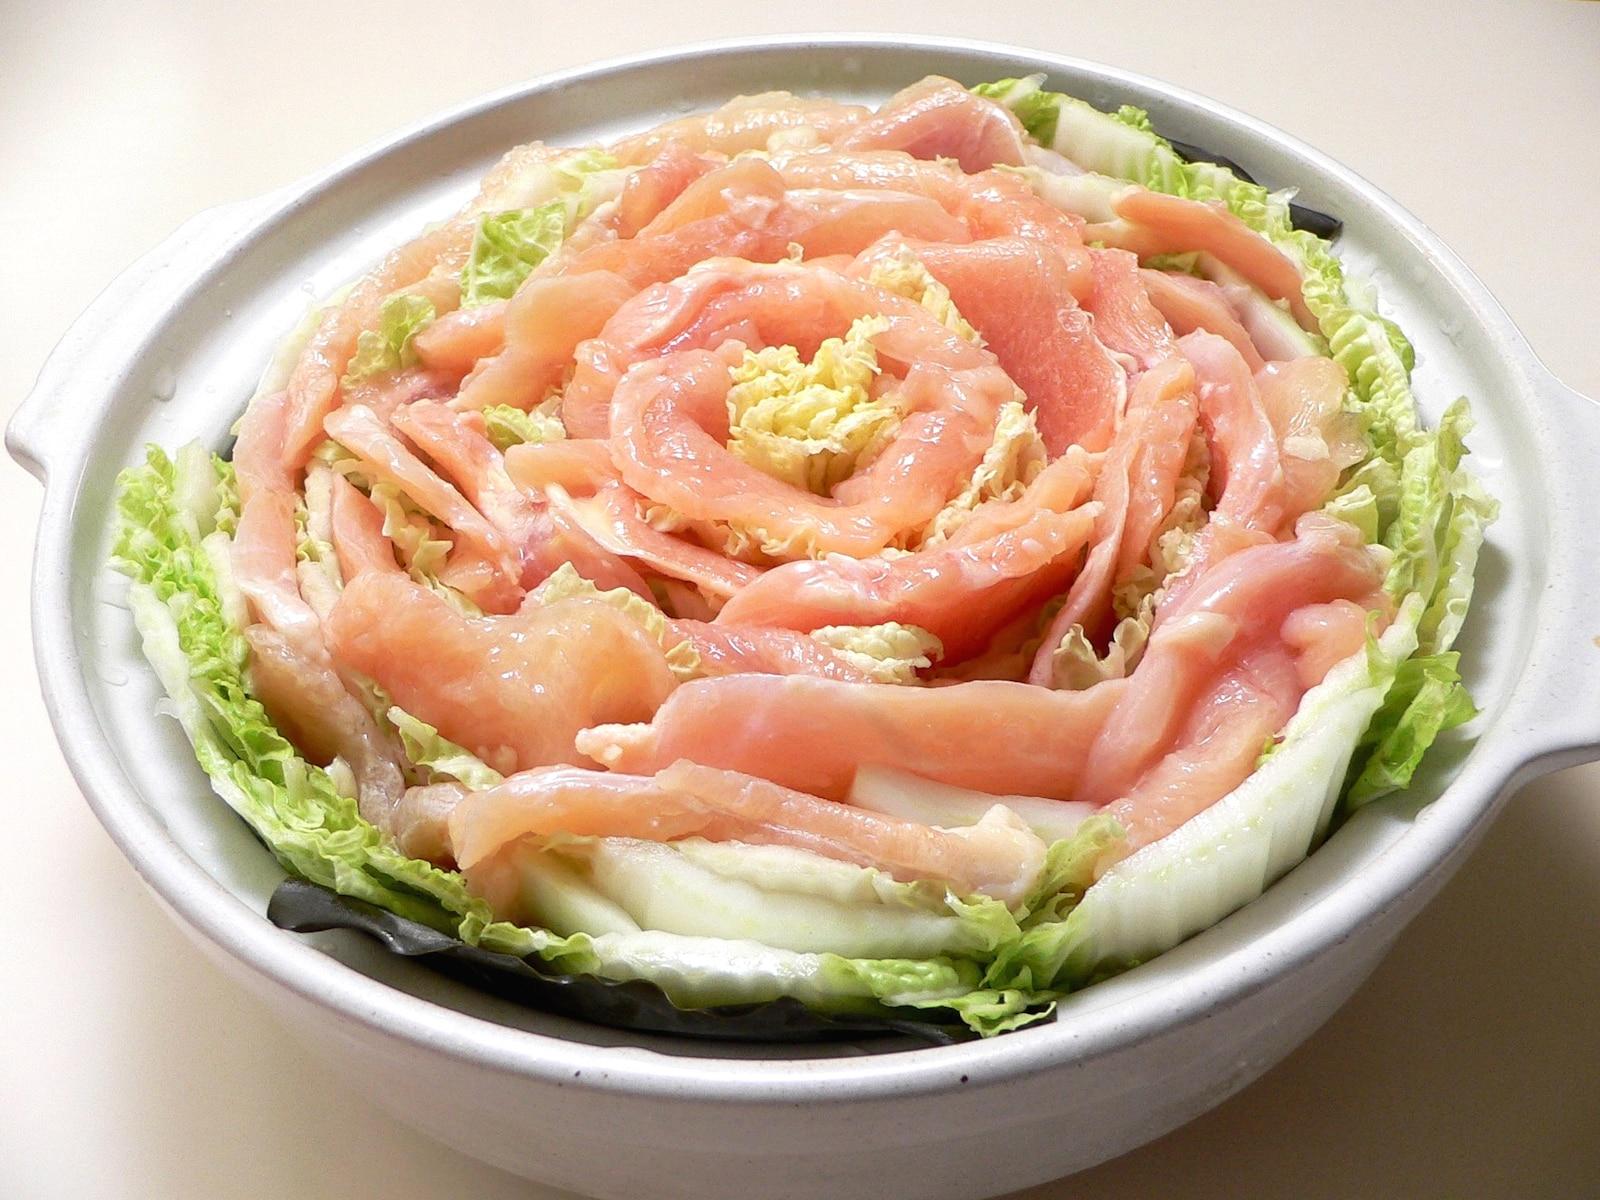 【毎日のお助けレシピ】バラのように美しい、鶏むね肉と白菜のミルフィーユ鍋